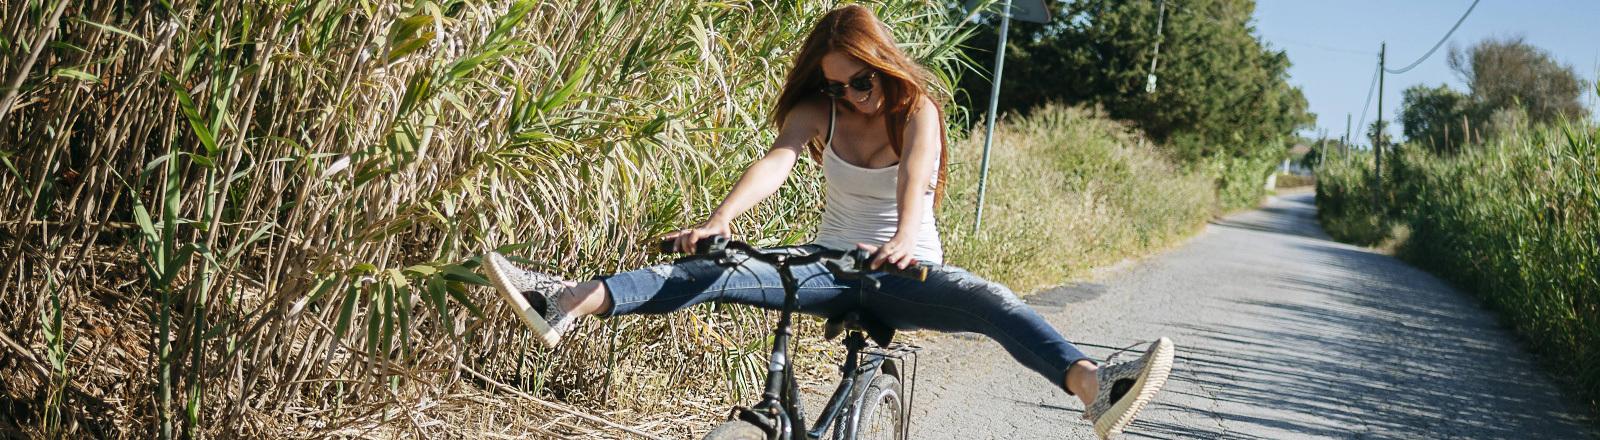 Eine junge Frau sitzt auf einem Fahrrad und streckt die Beine zu den Seiten in die Luft.